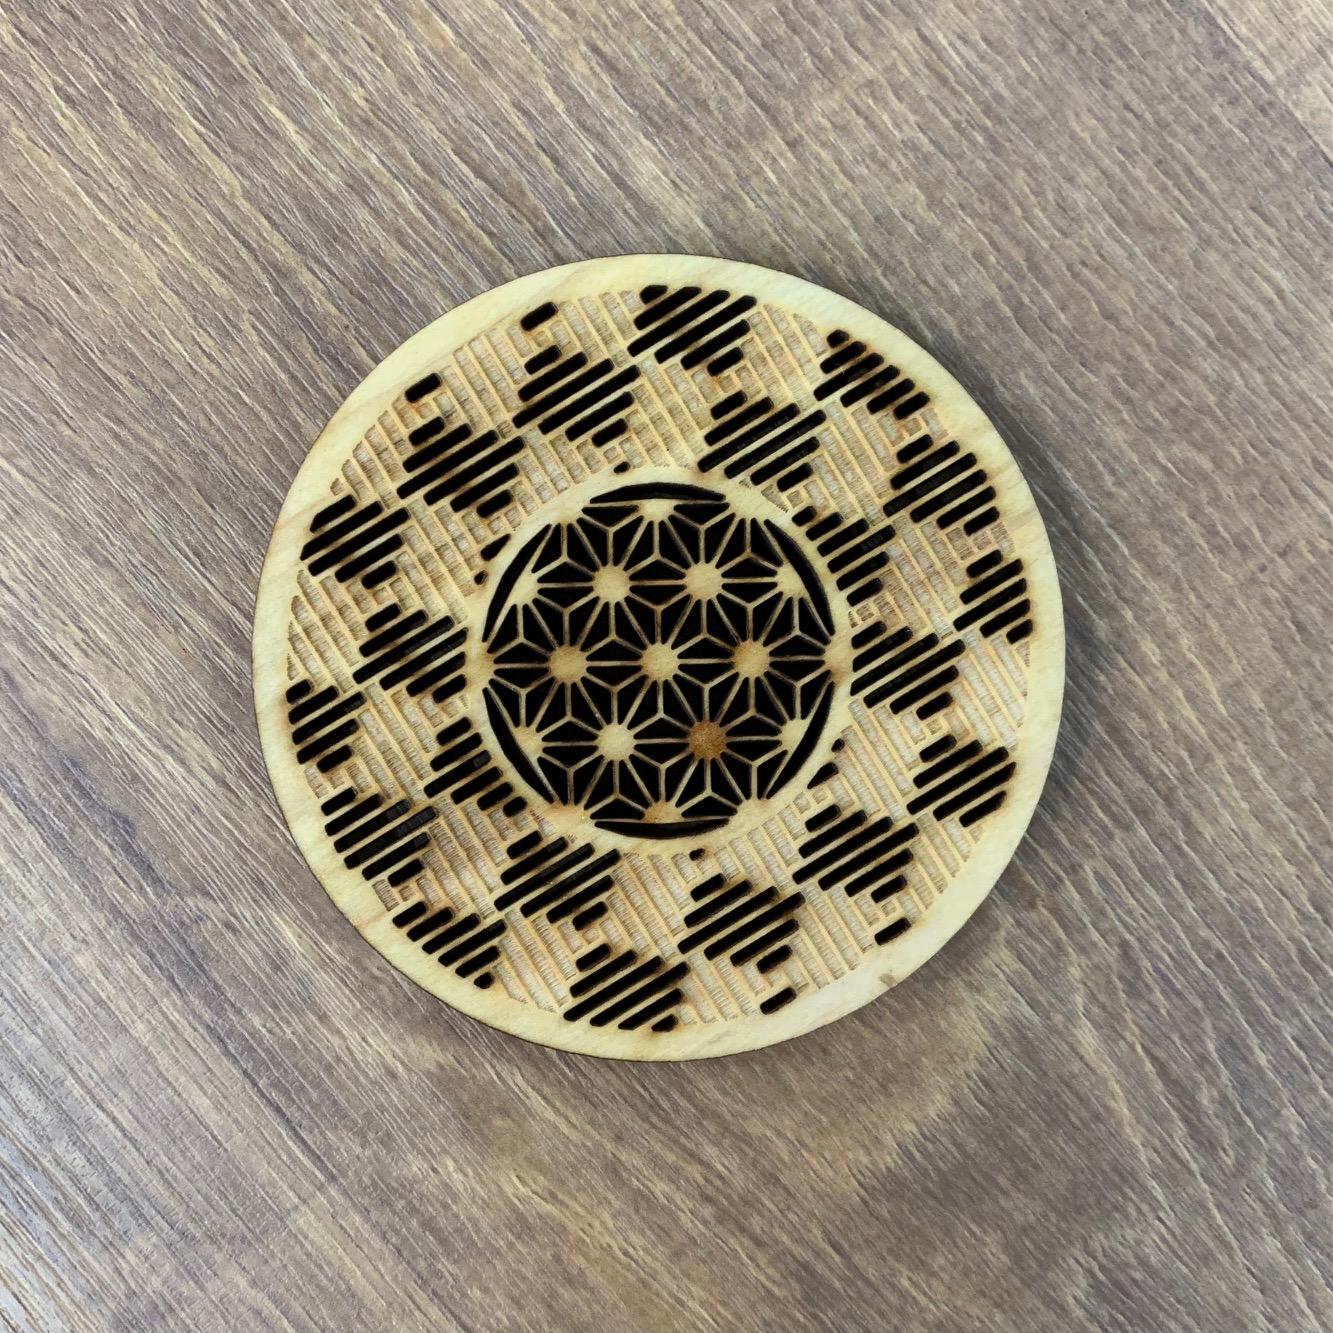 【レターパック便専用】伝統文様コースター 桝網代に麻の葉